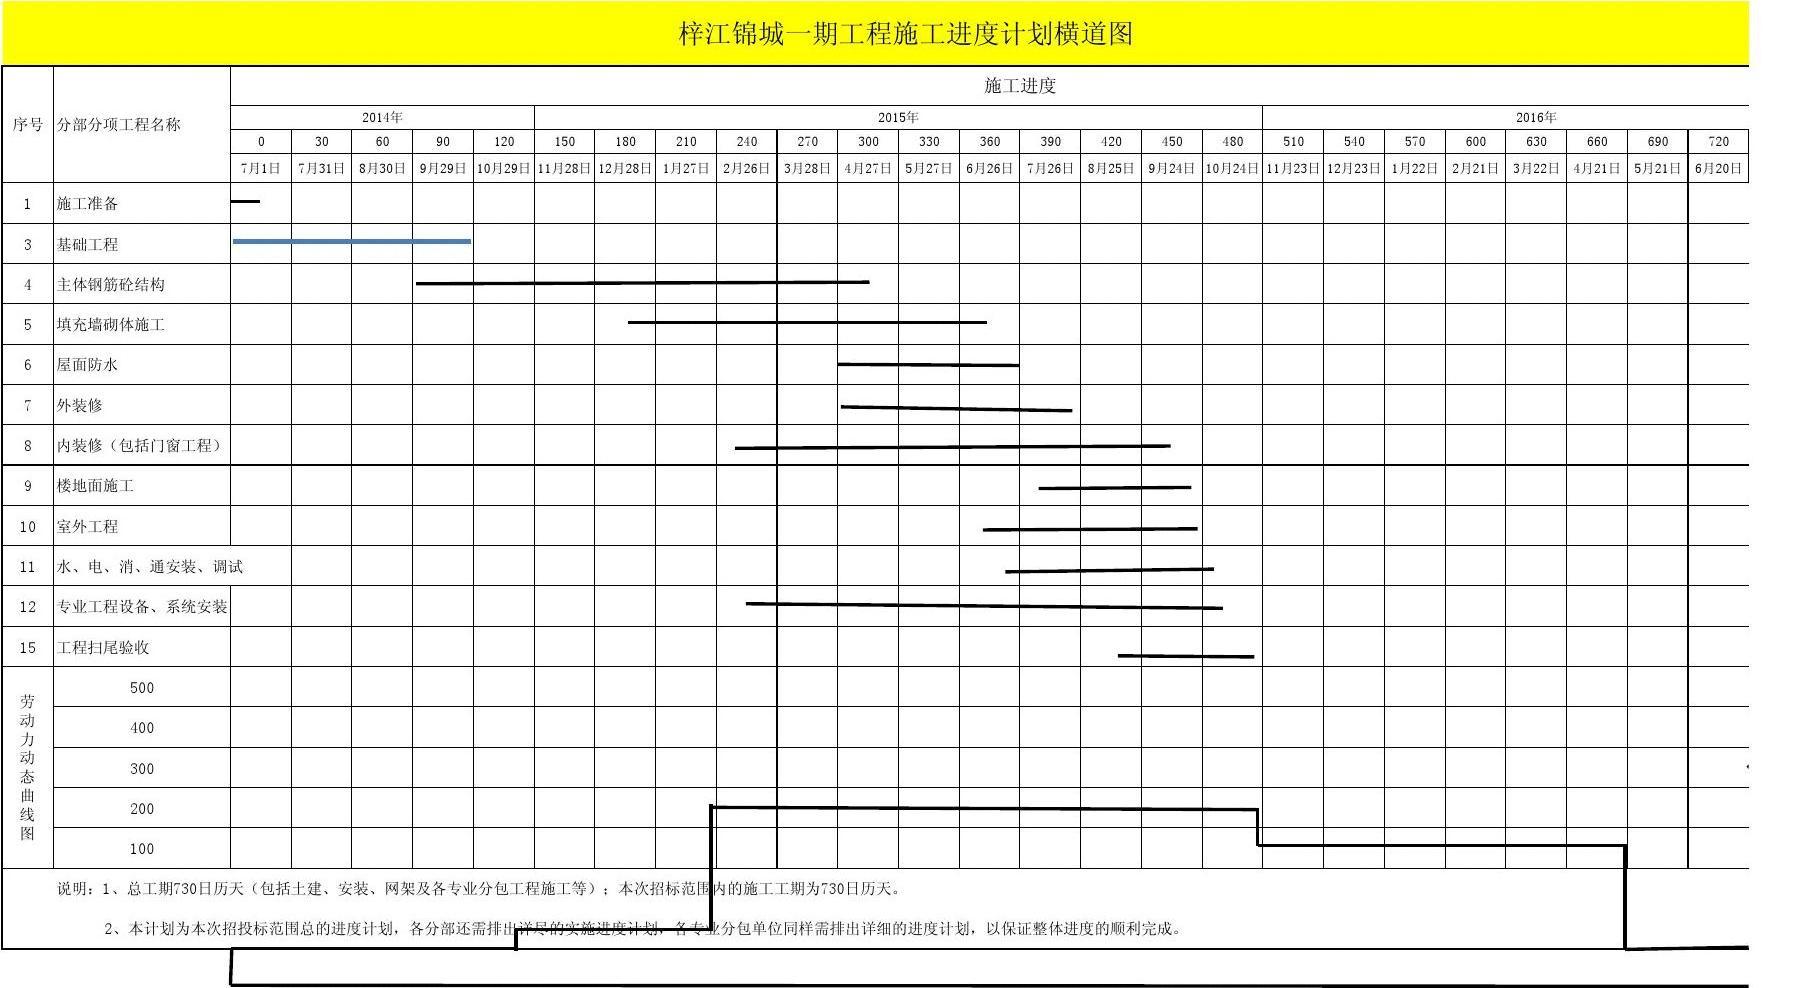 2014年日历表_工程施工进度计划横道图_word文档在线阅读与下载_文档网